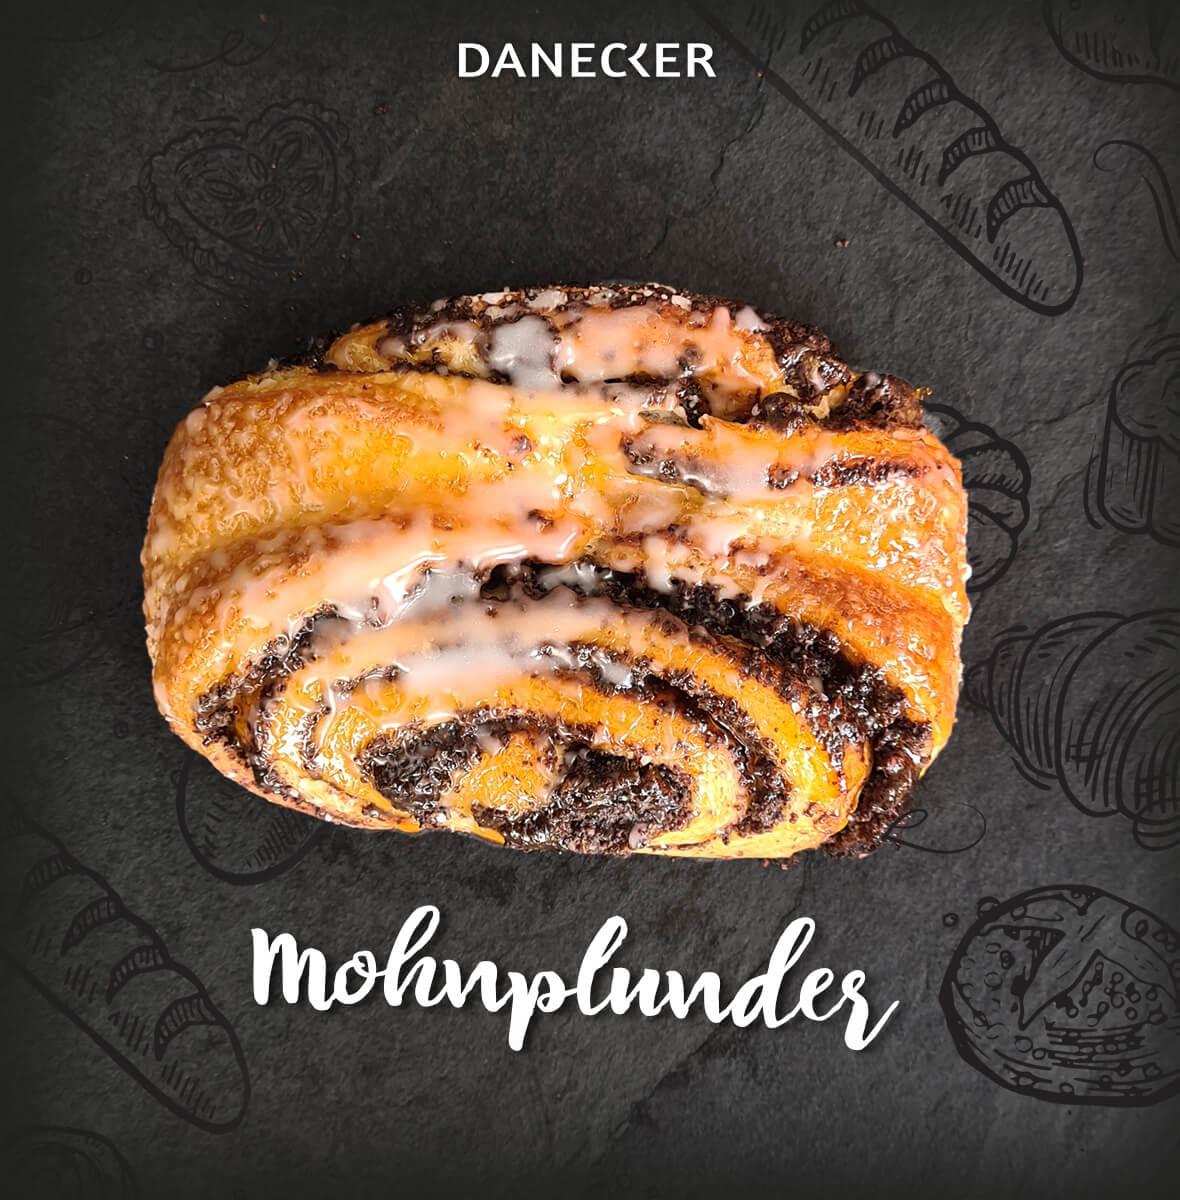 Mohnplunder Mehlspeisen Mohn von Nadlinger Danecker Bäckerei Konditorei Amstetten Bahnhof, Allersdorf, Greinsfurth, Perg, Linz, Wallsee, Aschbach, Mauer